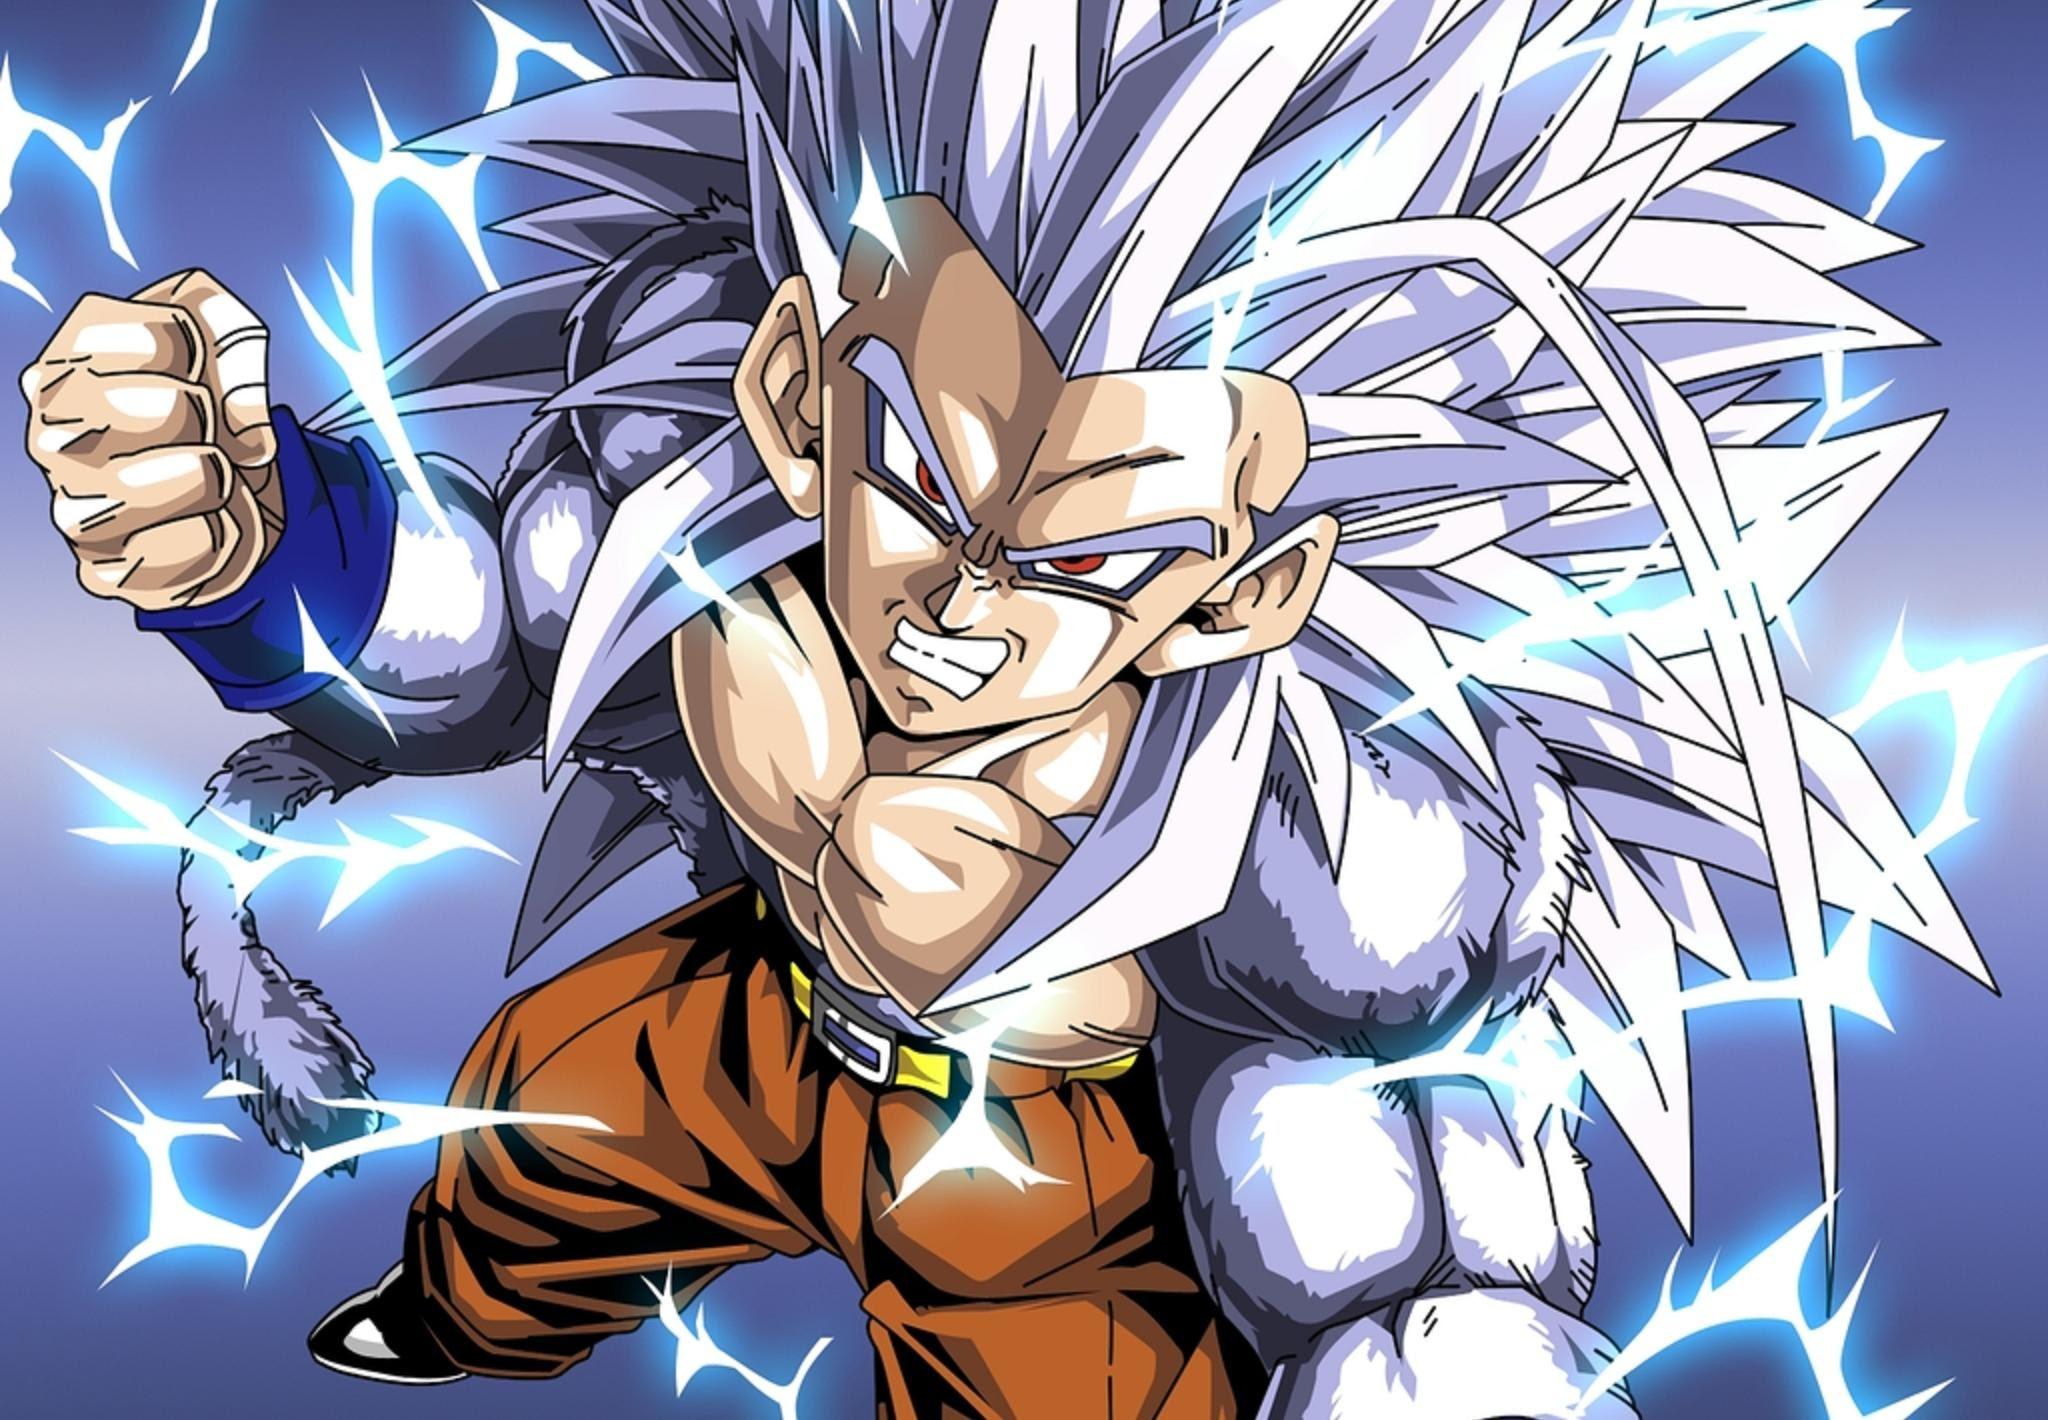 Mui Goku 4k Wallpaper Gambarku